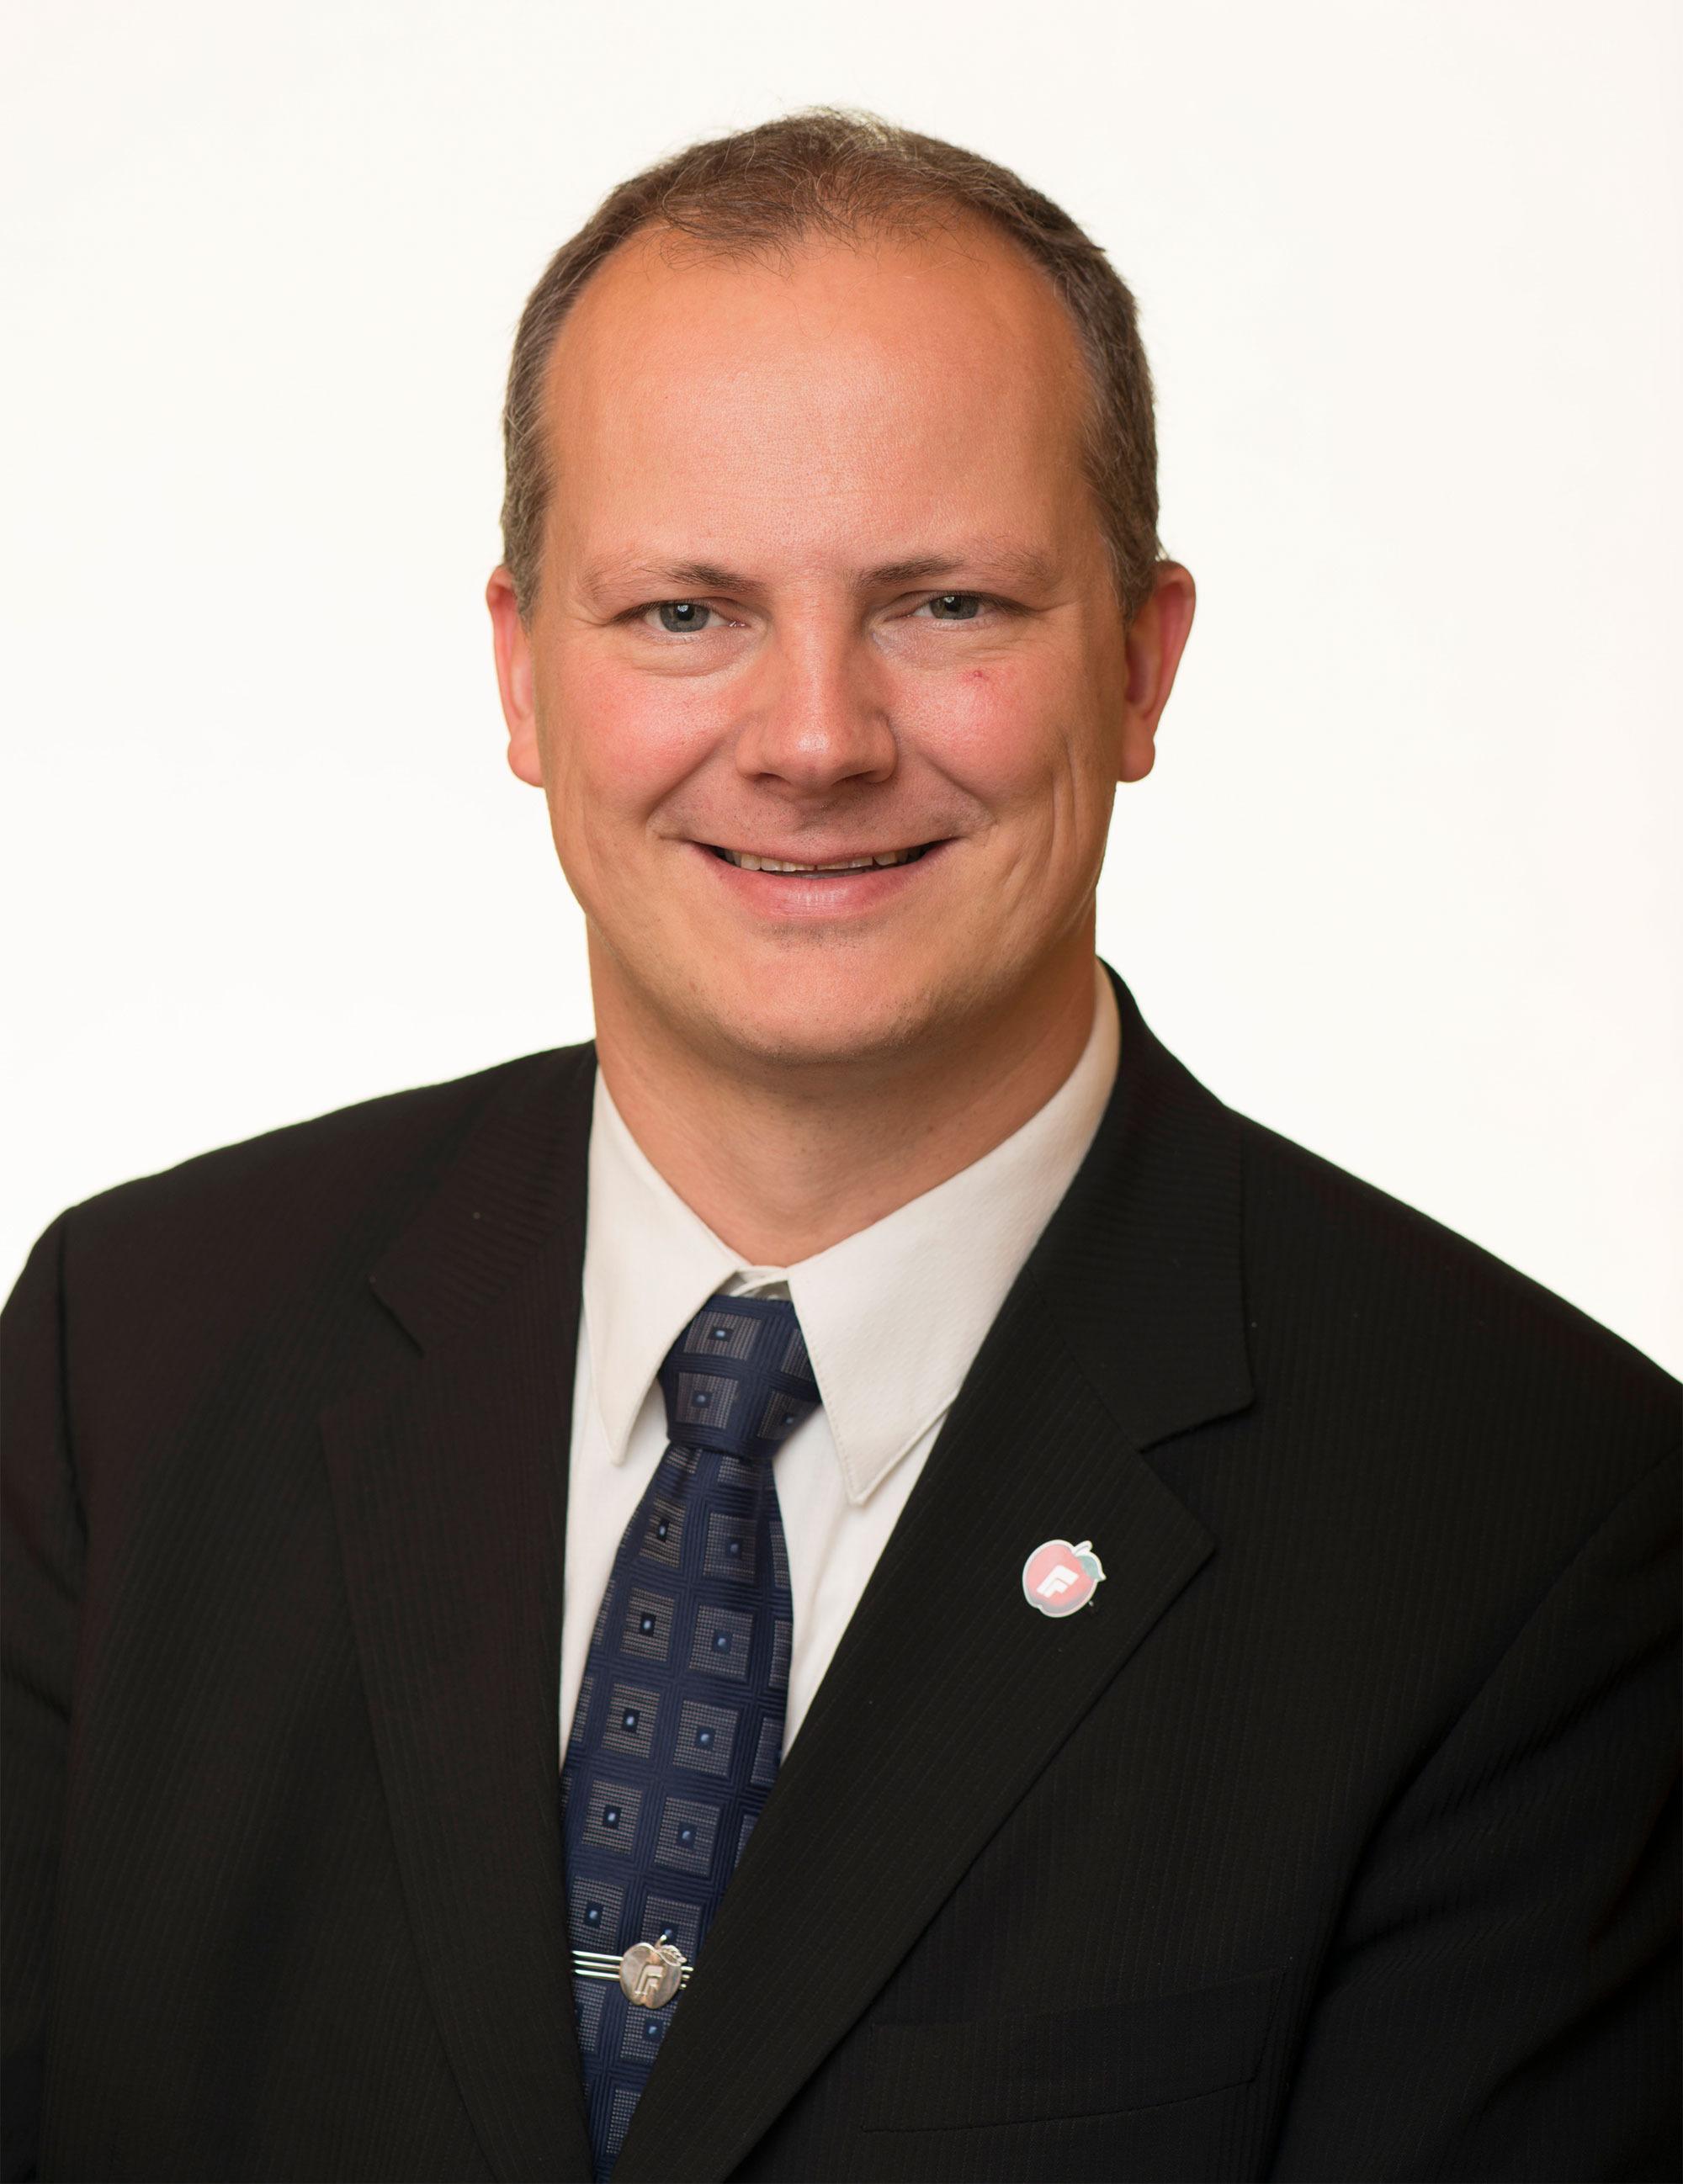 Samferdselsminister Ketil Solvik-Olsen. Bilde: Regjeringen